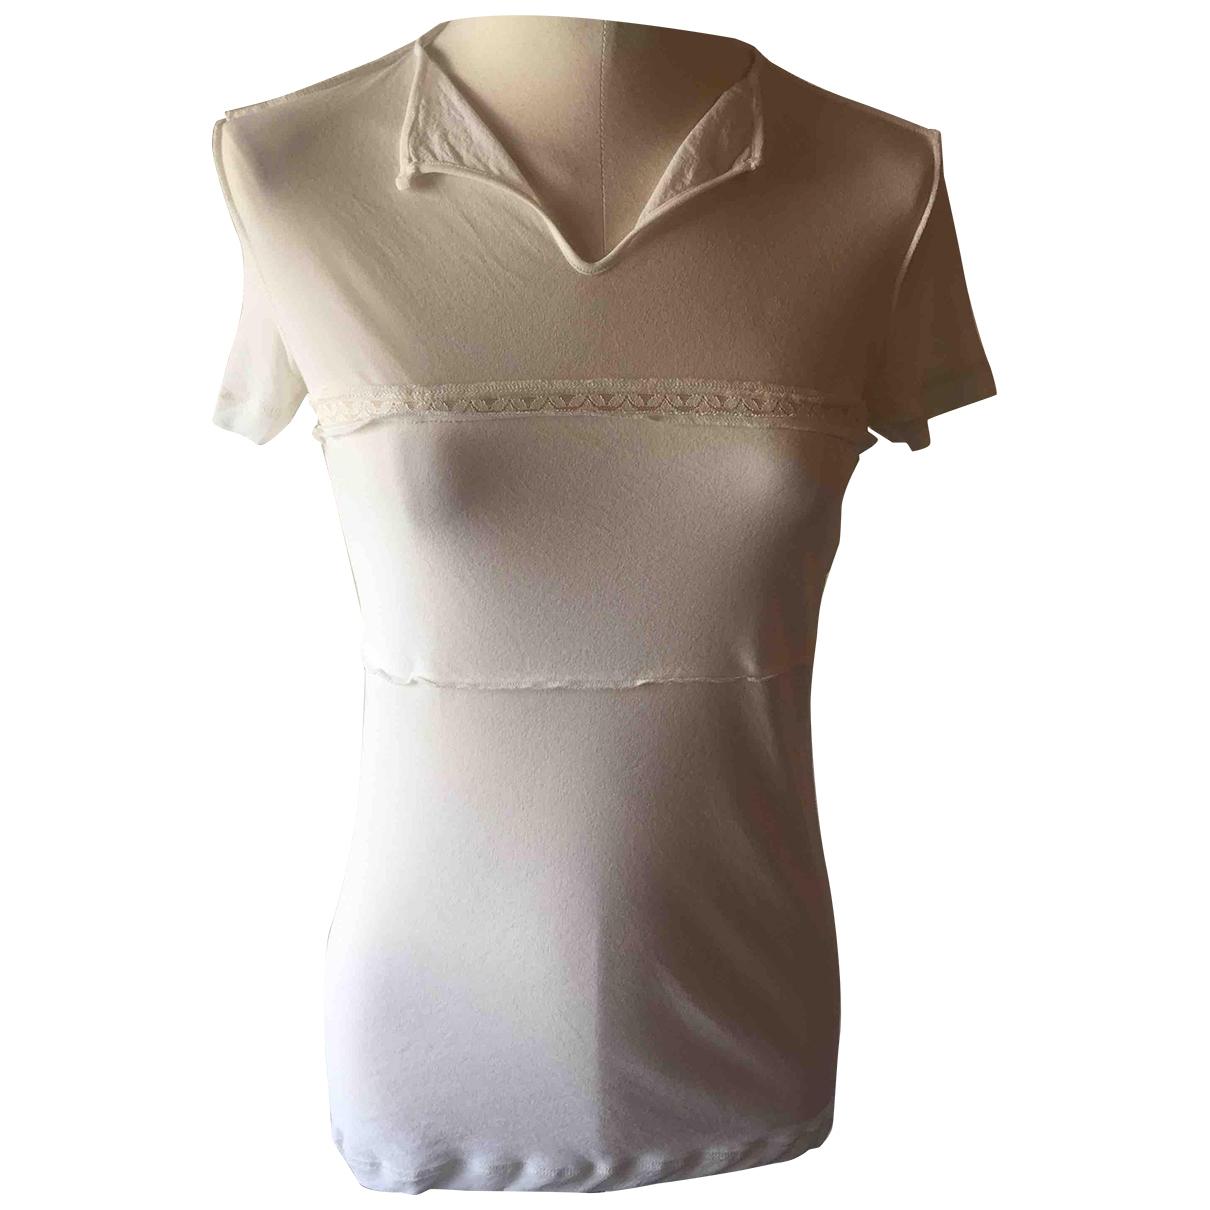 Nina Ricci \N Ecru Cotton  top for Women 38 FR